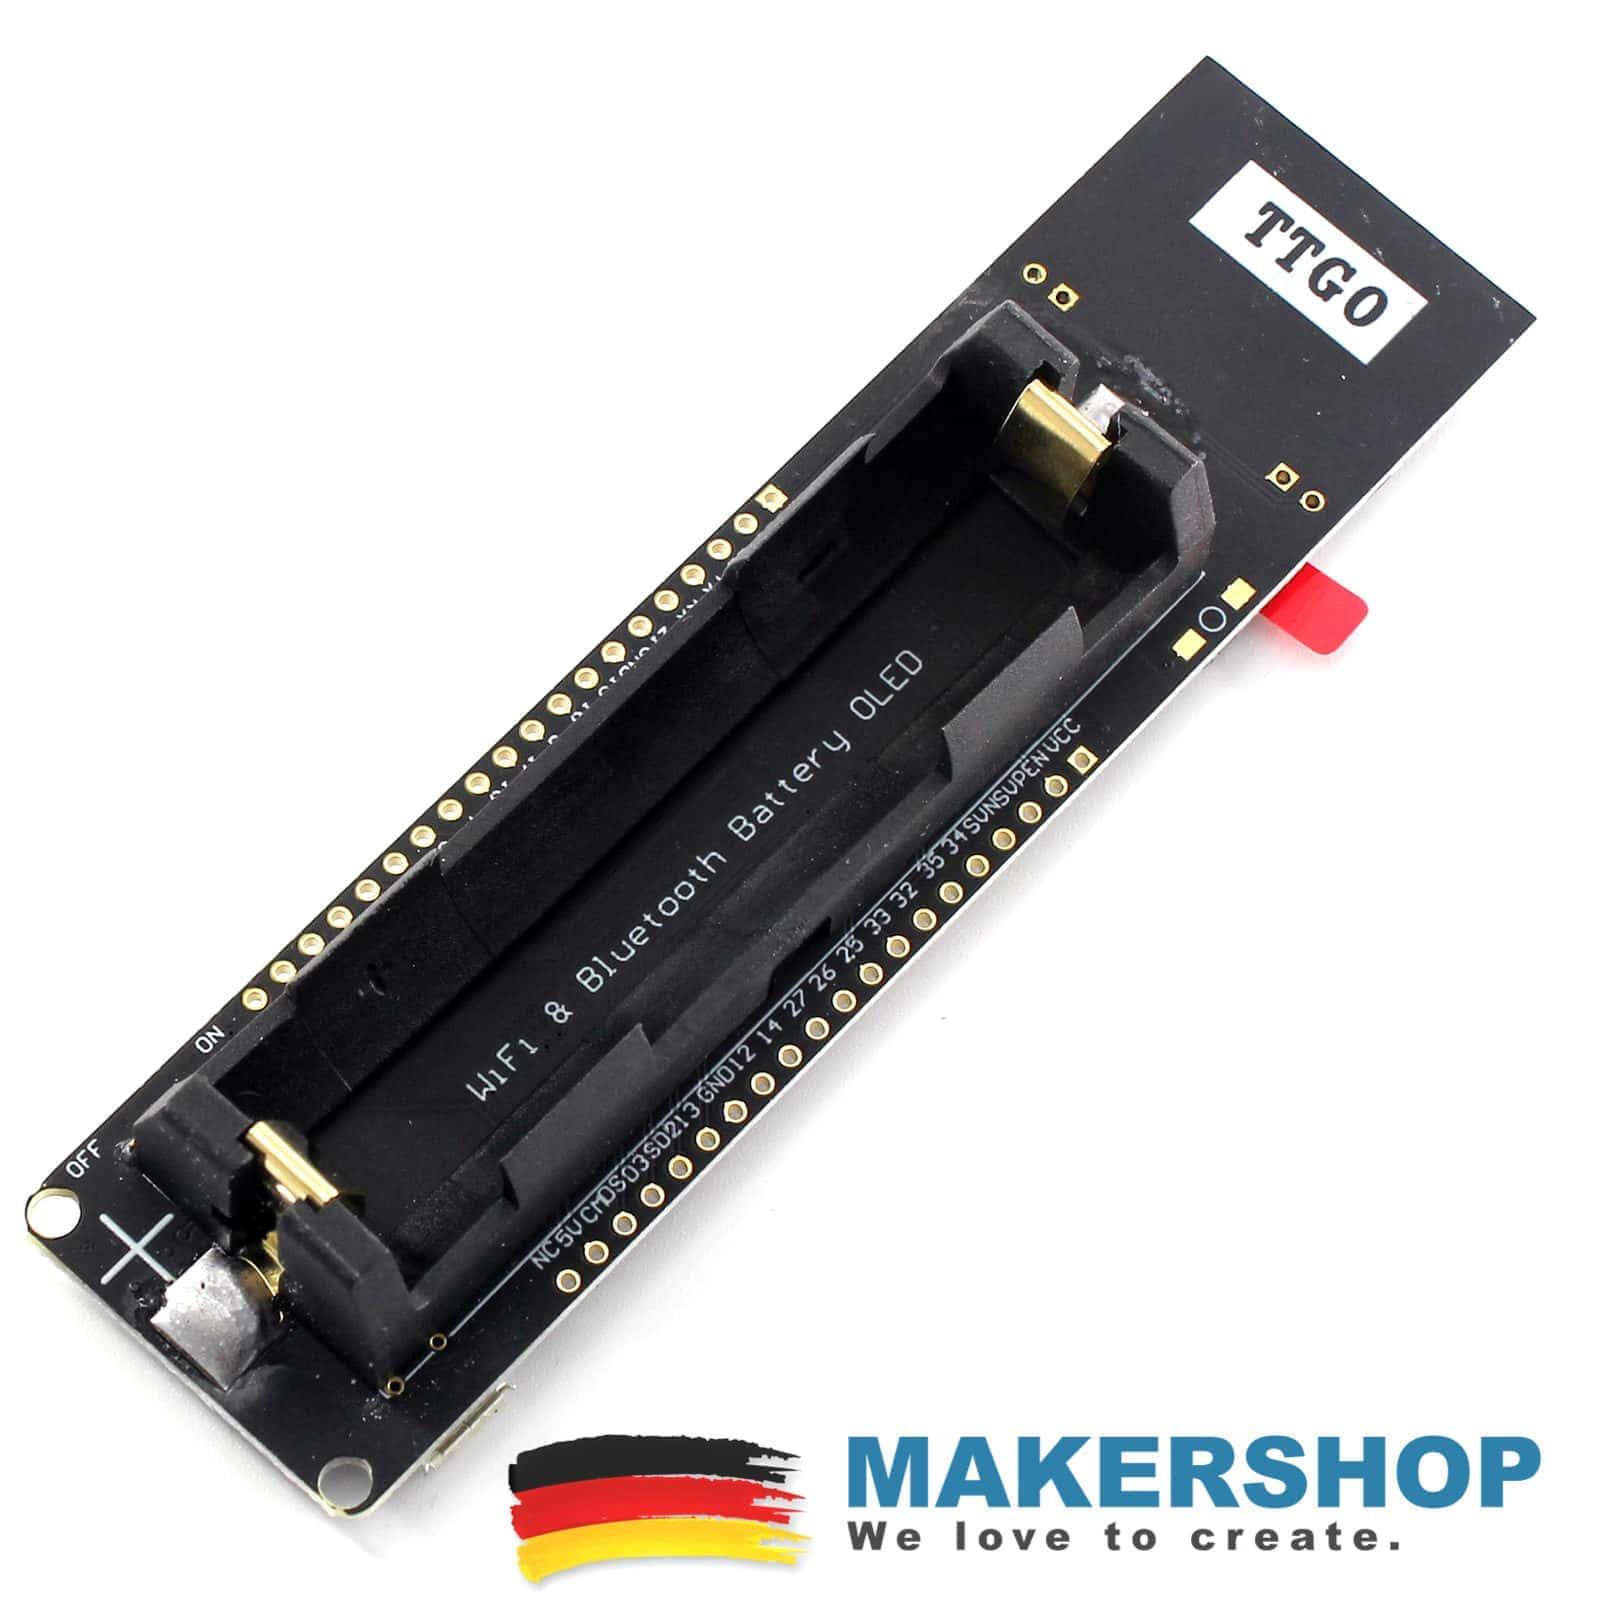 TTGO ESP32 Batterie Akku Board